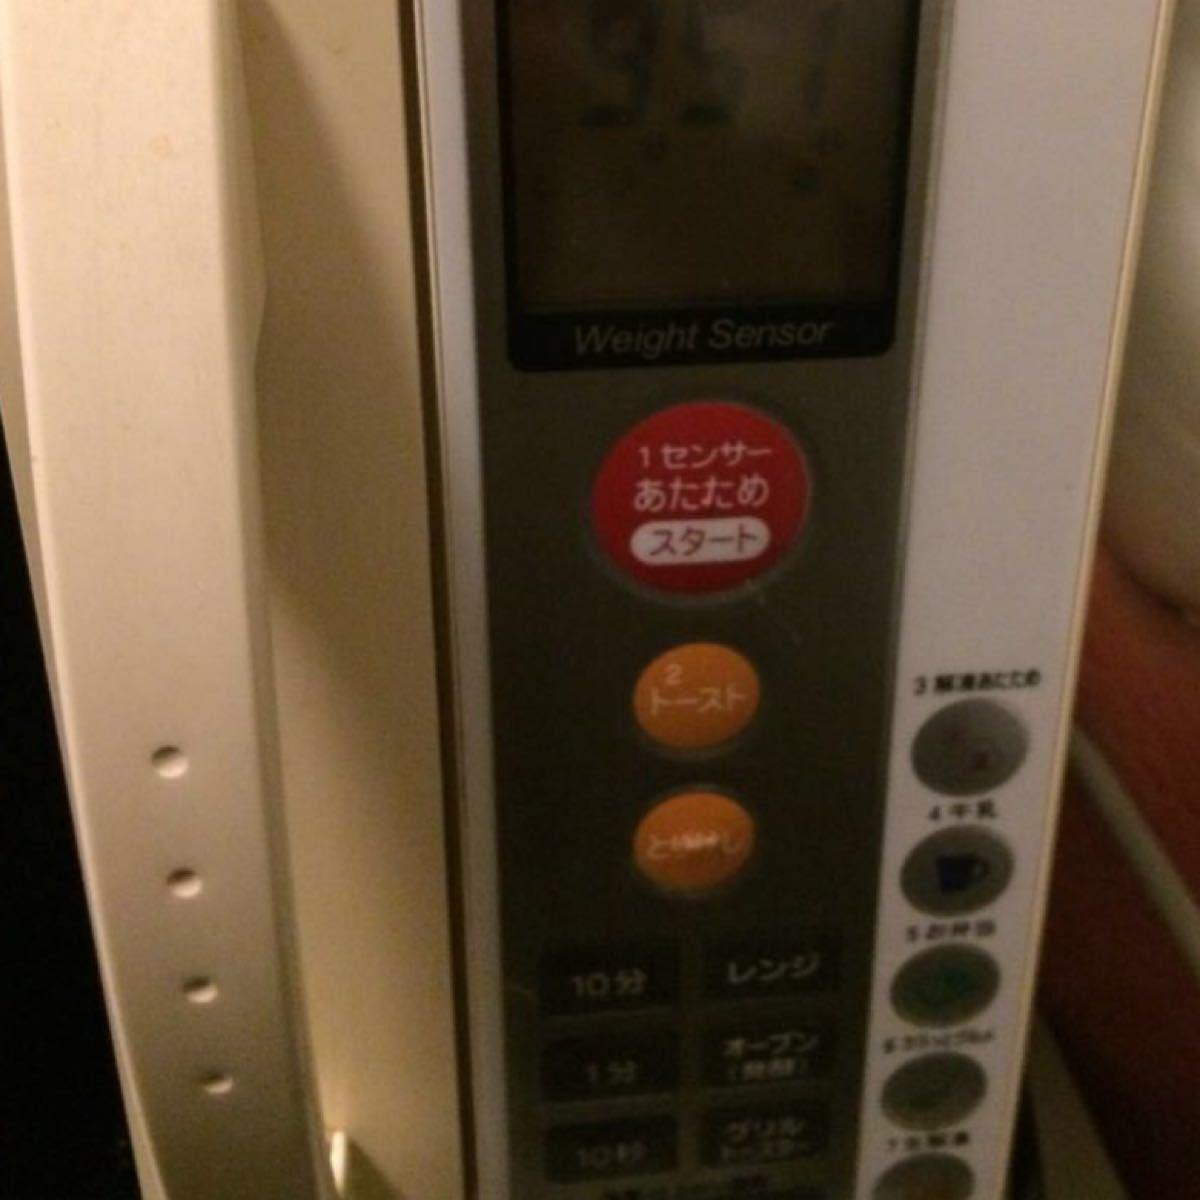 東芝 電子レンジ オーブン オマケ: 無印良品 キャニスター 缶2個 MUJI